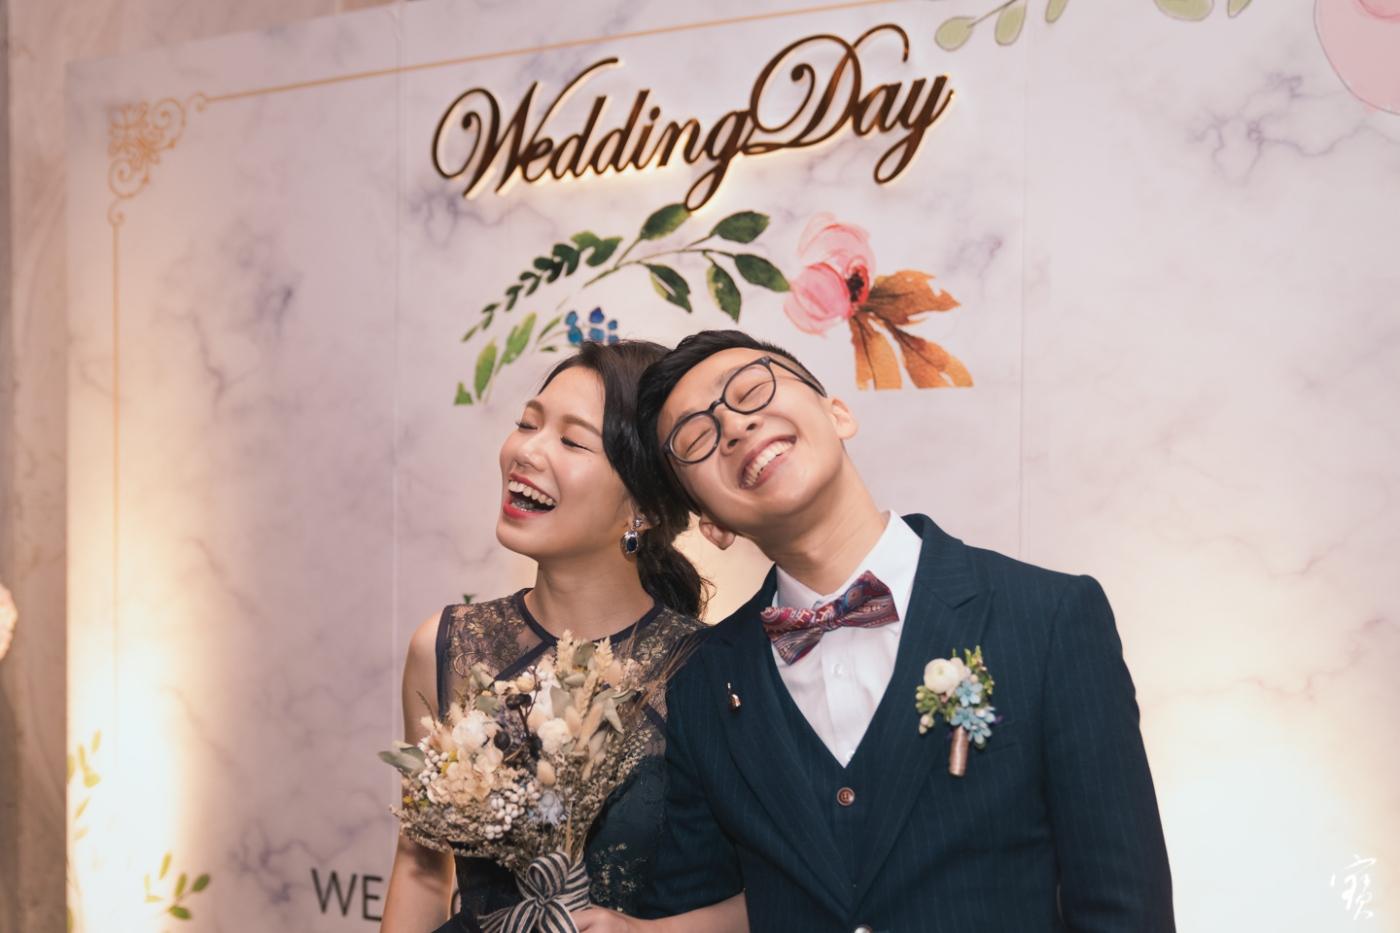 婚禮攝影 婚紗 大直 典華 冬半影像 攝影師大寶 北部攝影 台北攝影 桃園攝影 新竹攝影20181208-386